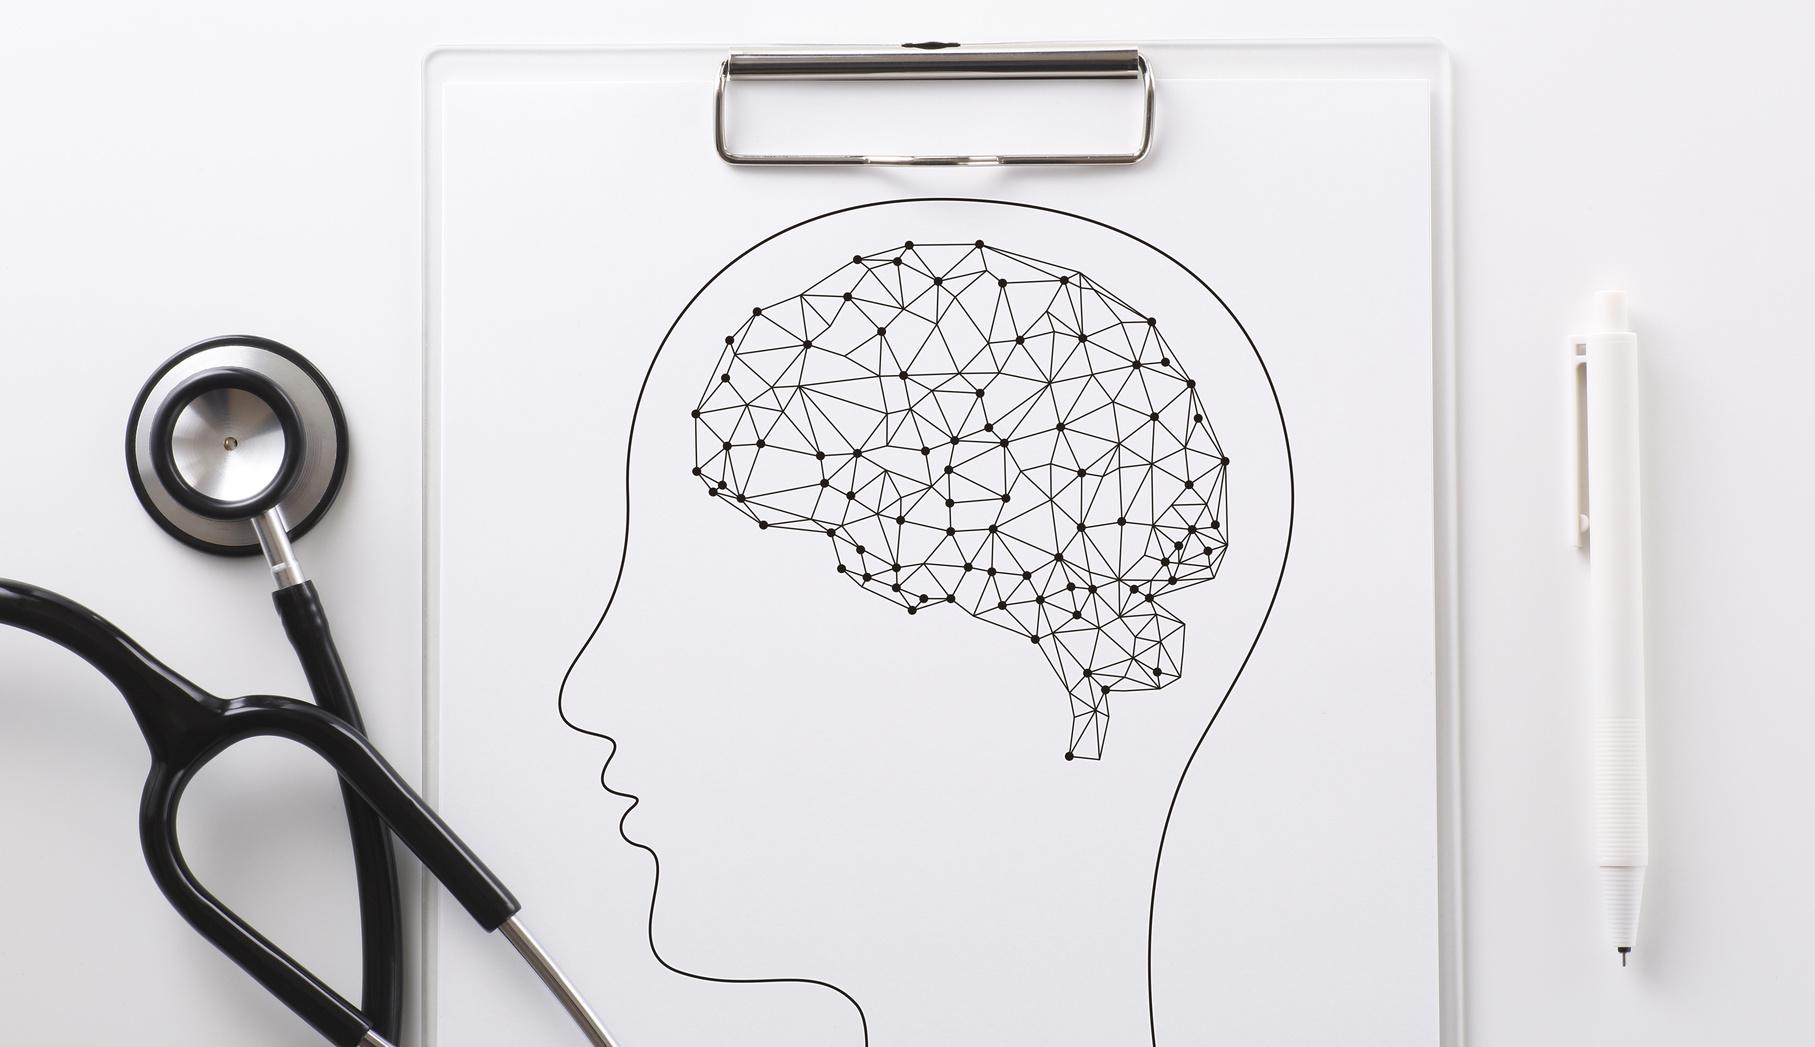 【米国論文】脳血管奇形の経験豊富な病院では治療費が200万円も安くすむ!